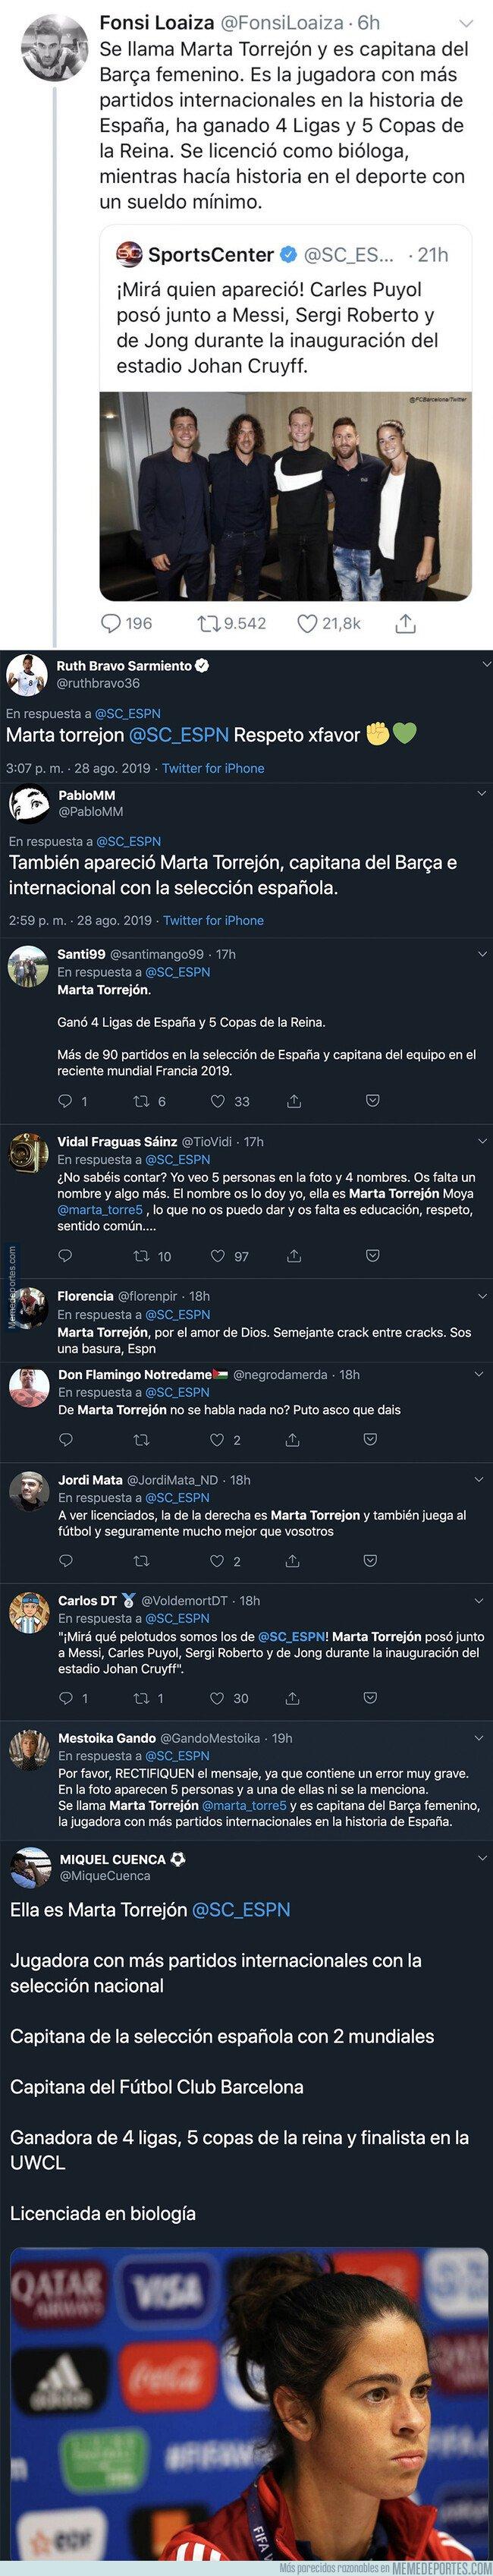 1084444 - Todo Twitter está contra ESPN por publicar esta imagen de varios futbolistas y sin mencionar a la gran Marta Torrejón